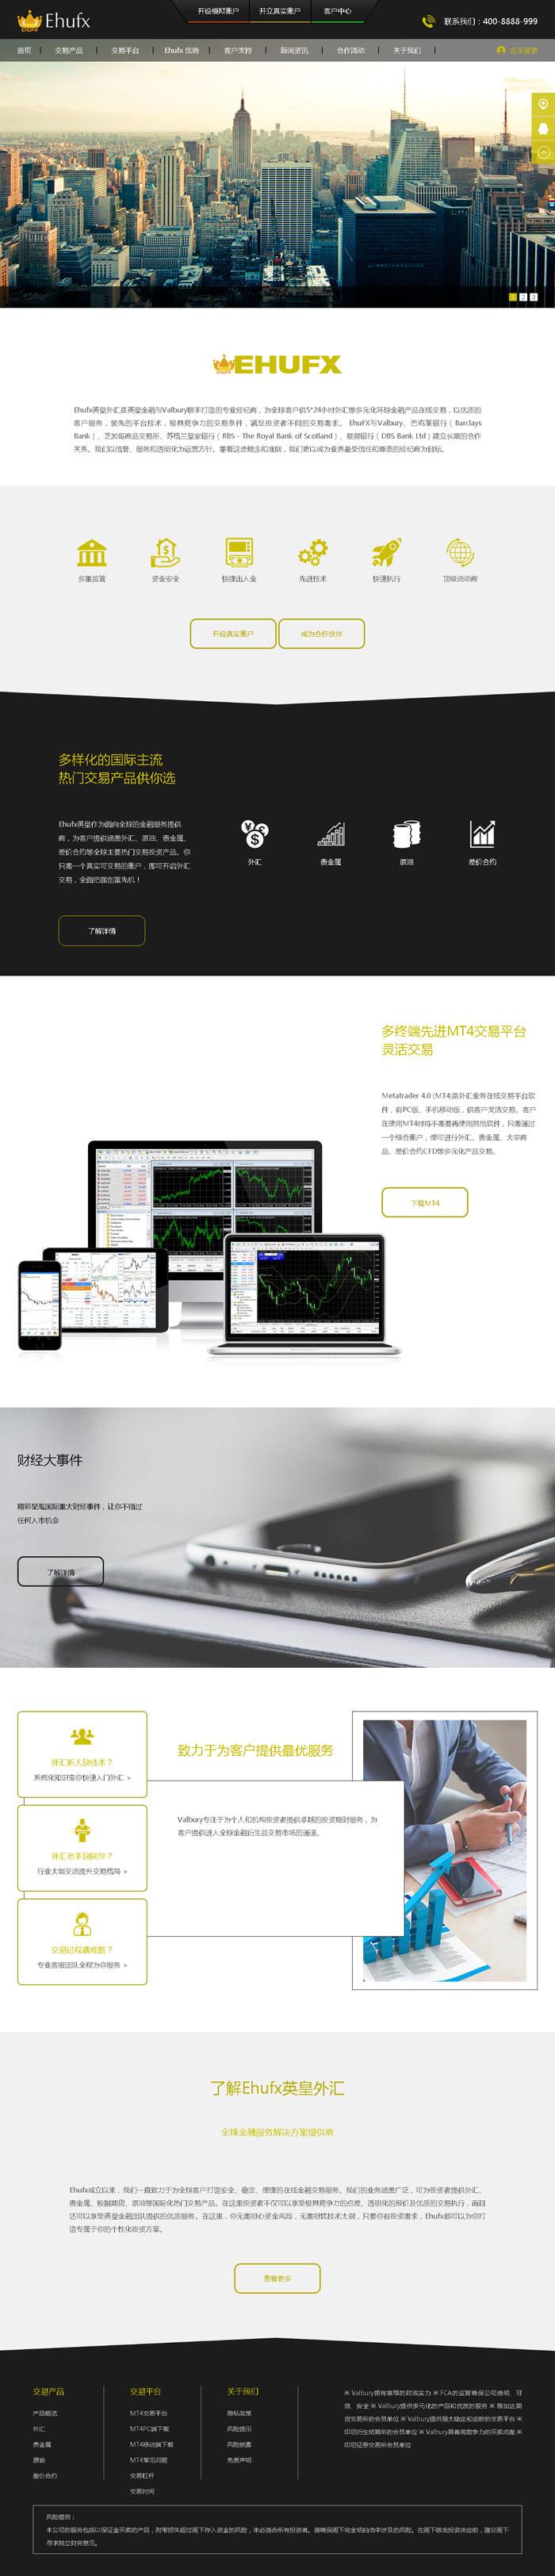 Ehufx英皇金融网站效果图